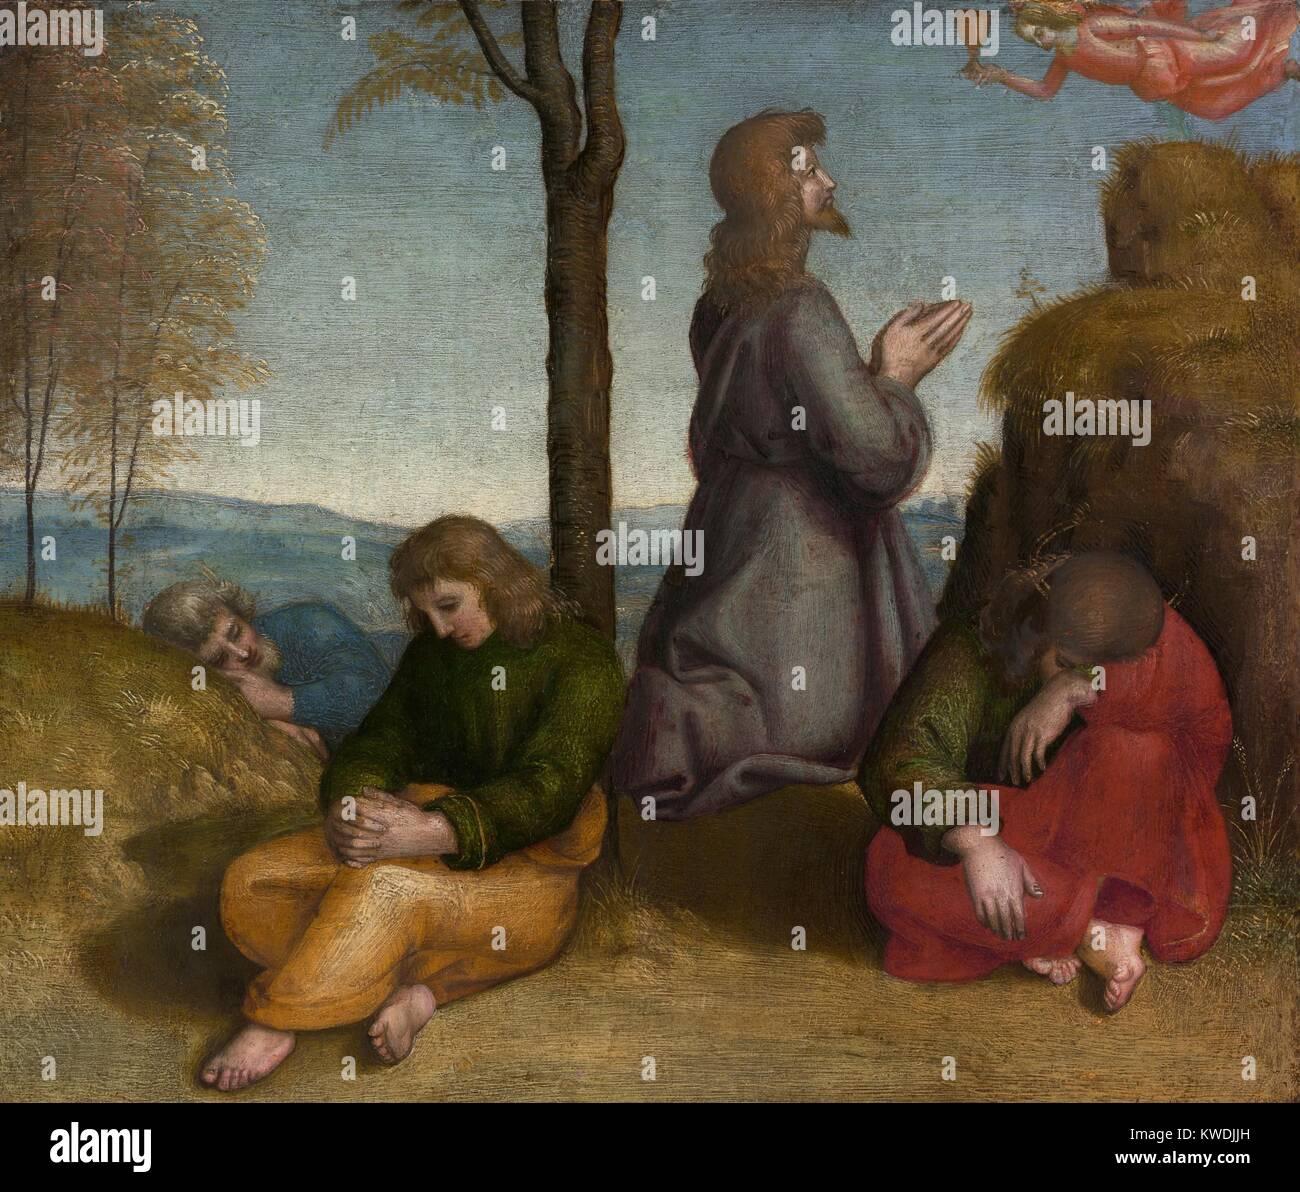 Die todesangst IM GARTEN, von Raffael, 1505-20, italienische Renaissance Malerei, Öl auf Holz. Christus ist Stockbild